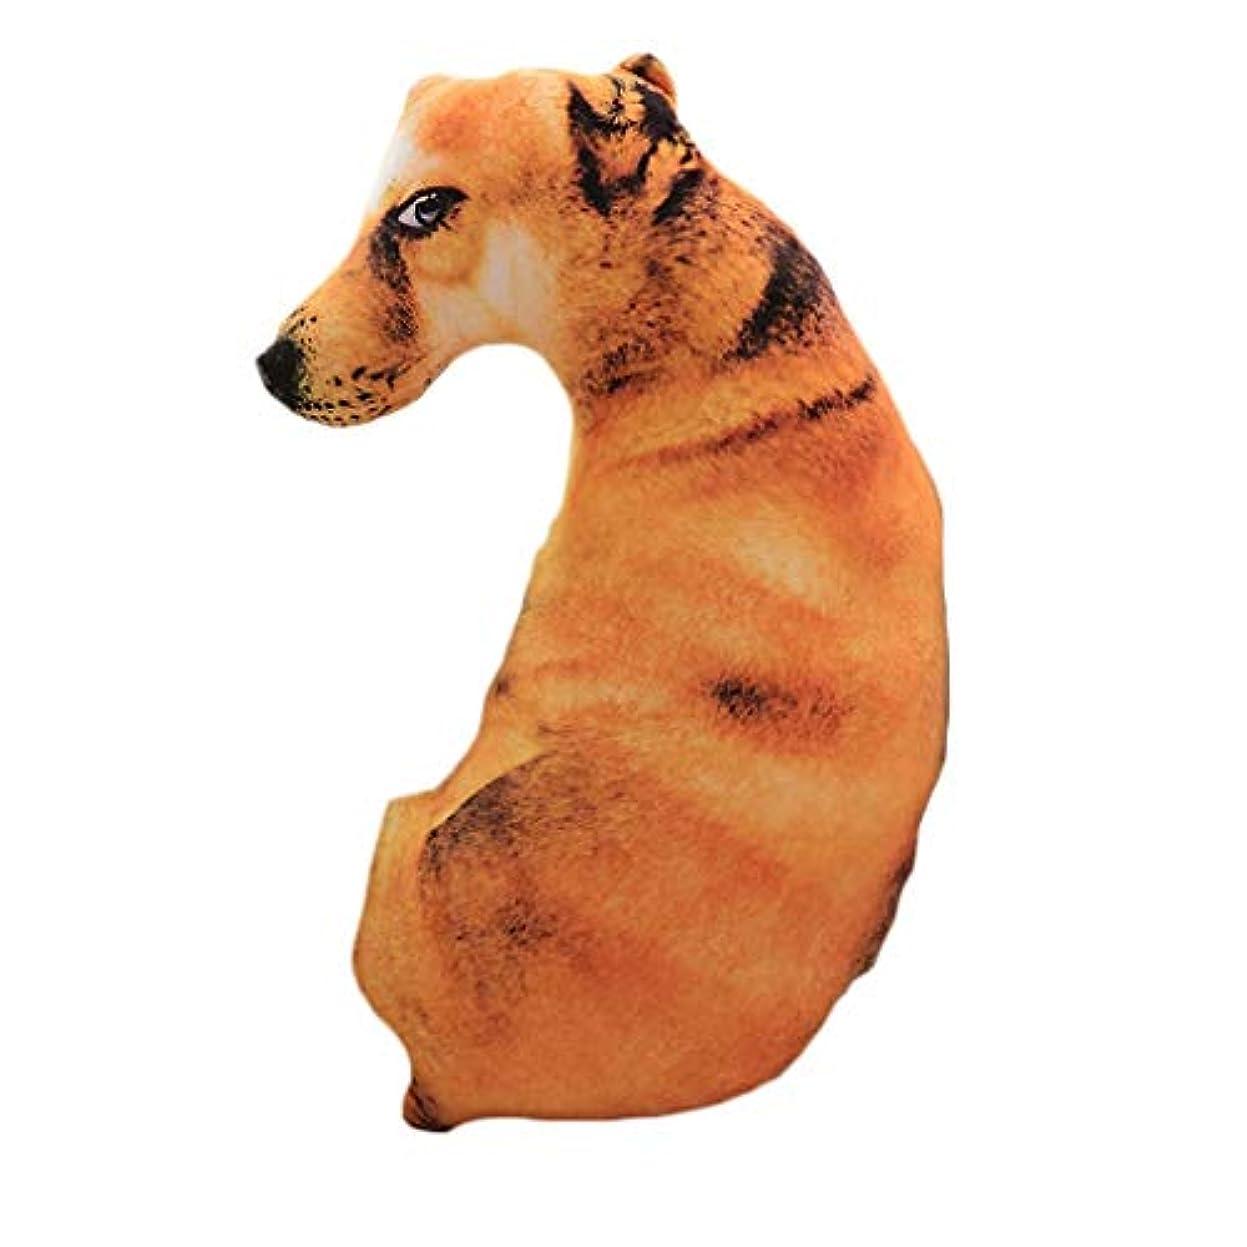 超高層ビル昆虫を見る変動するLIFE 装飾クッションソファおかしい 3D 犬印刷スロー枕創造クッションかわいいぬいぐるみギフト家の装飾 coussin decoratif クッション 椅子